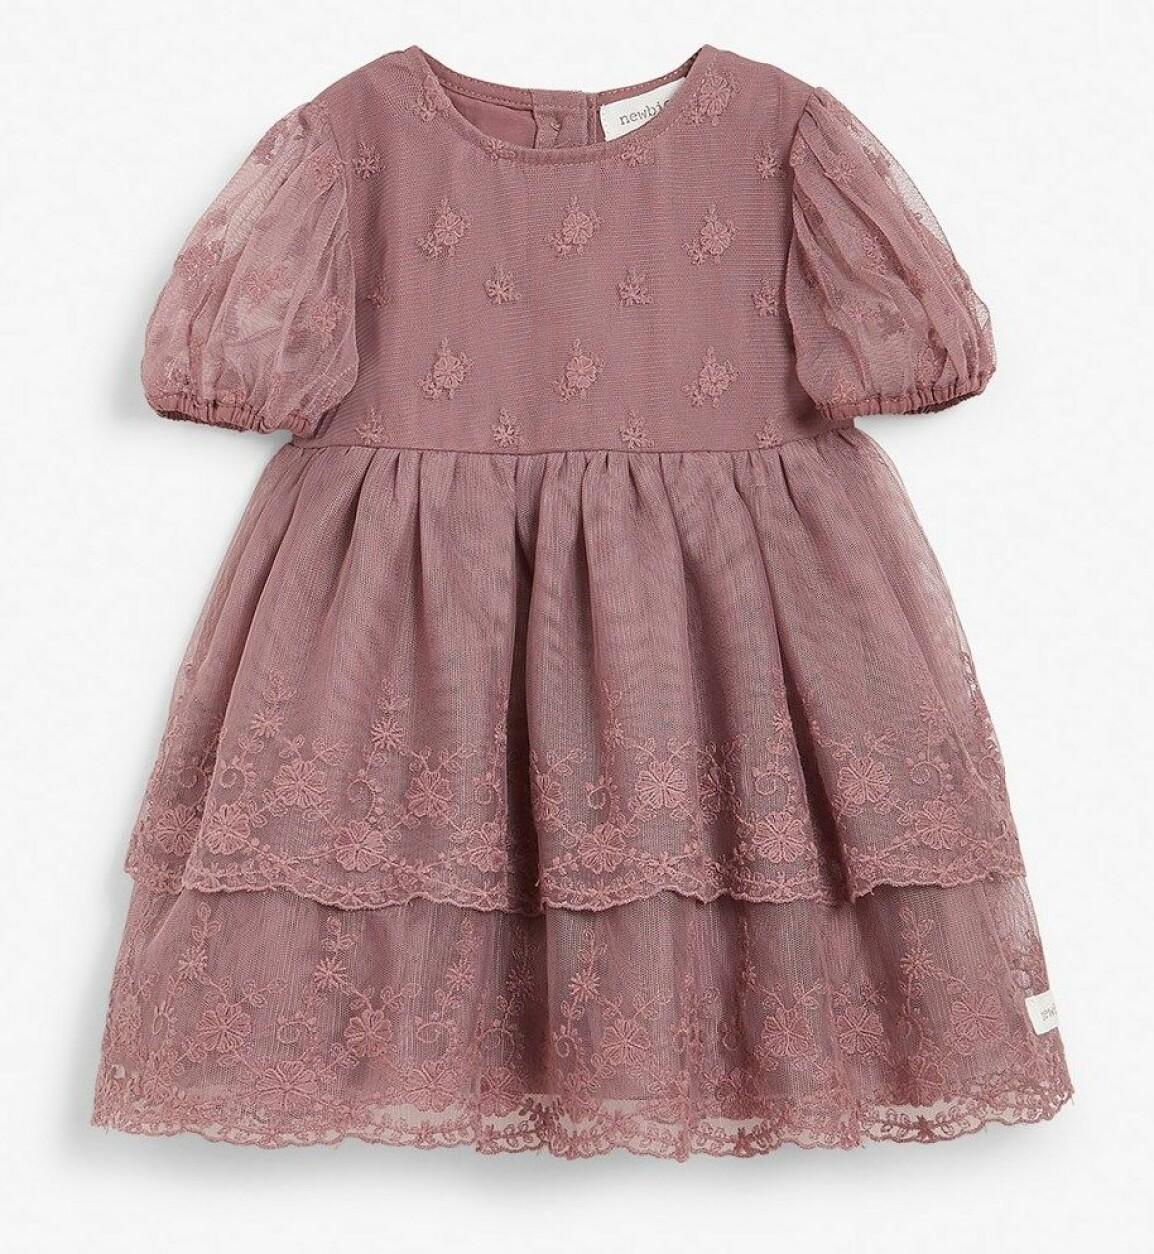 spetsklänning bebis nyår